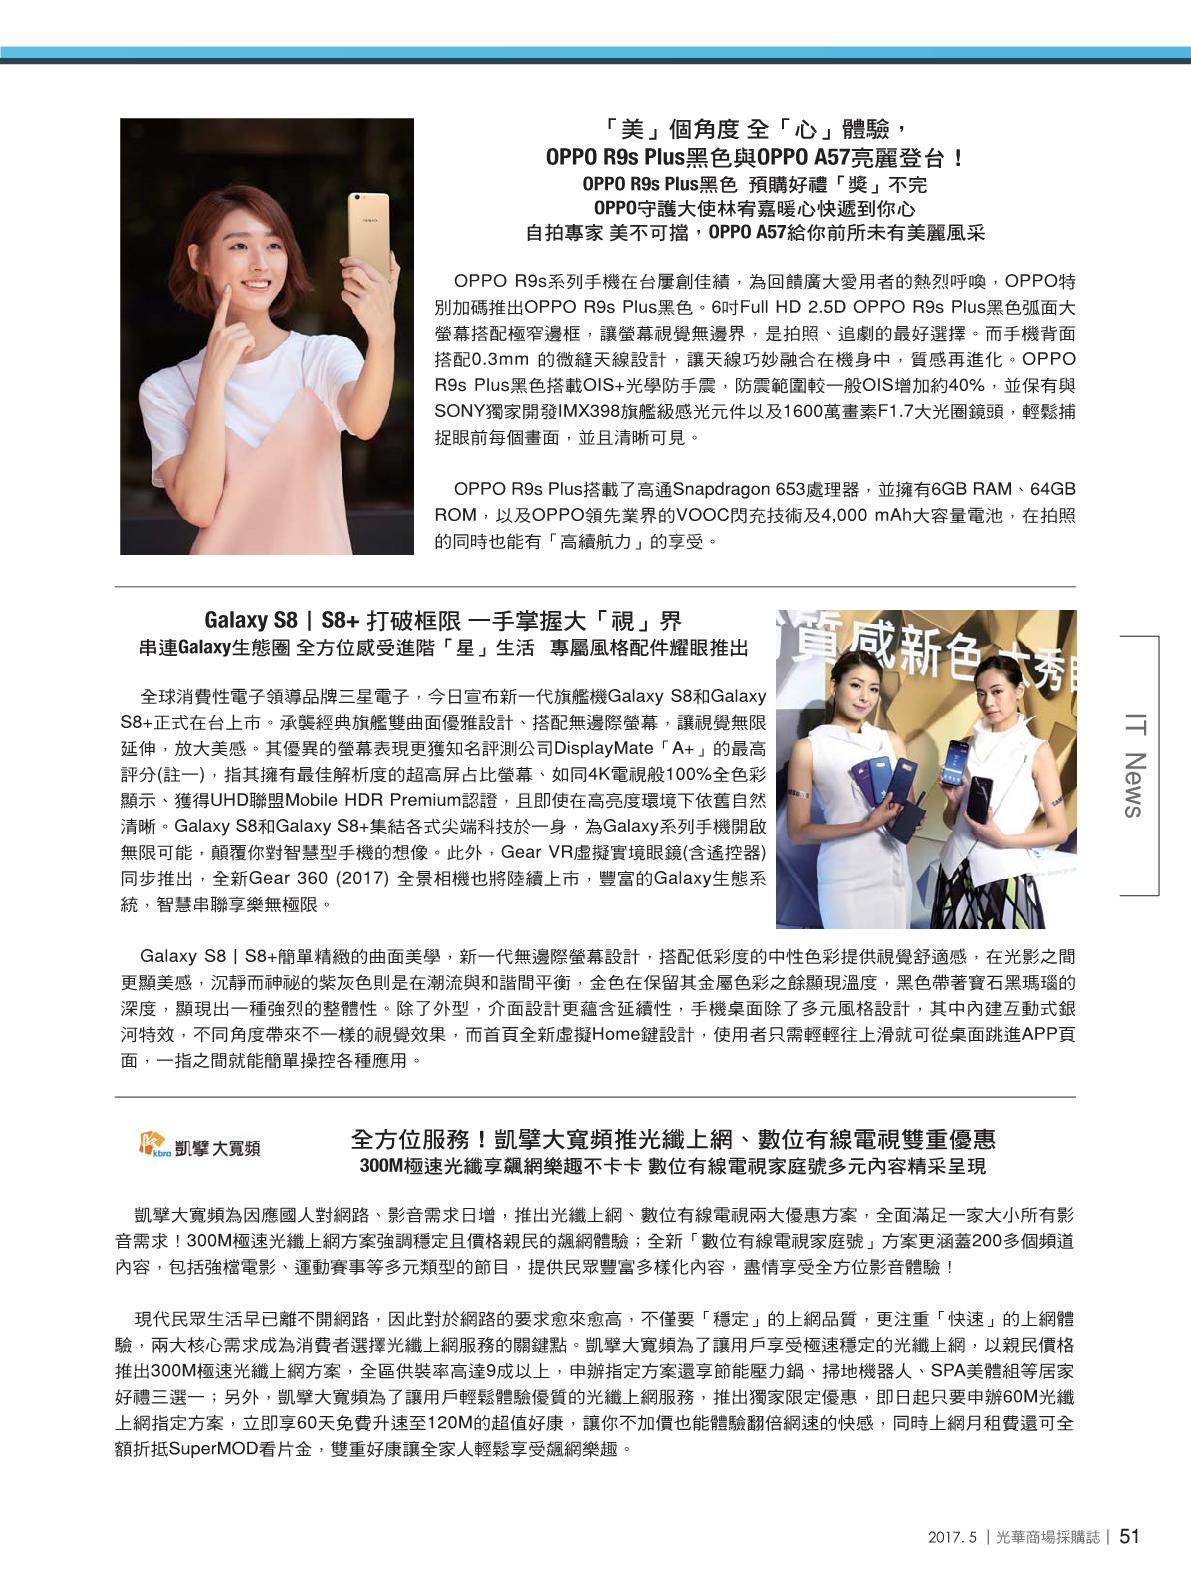 光華商場採購誌2017年5月號53.png